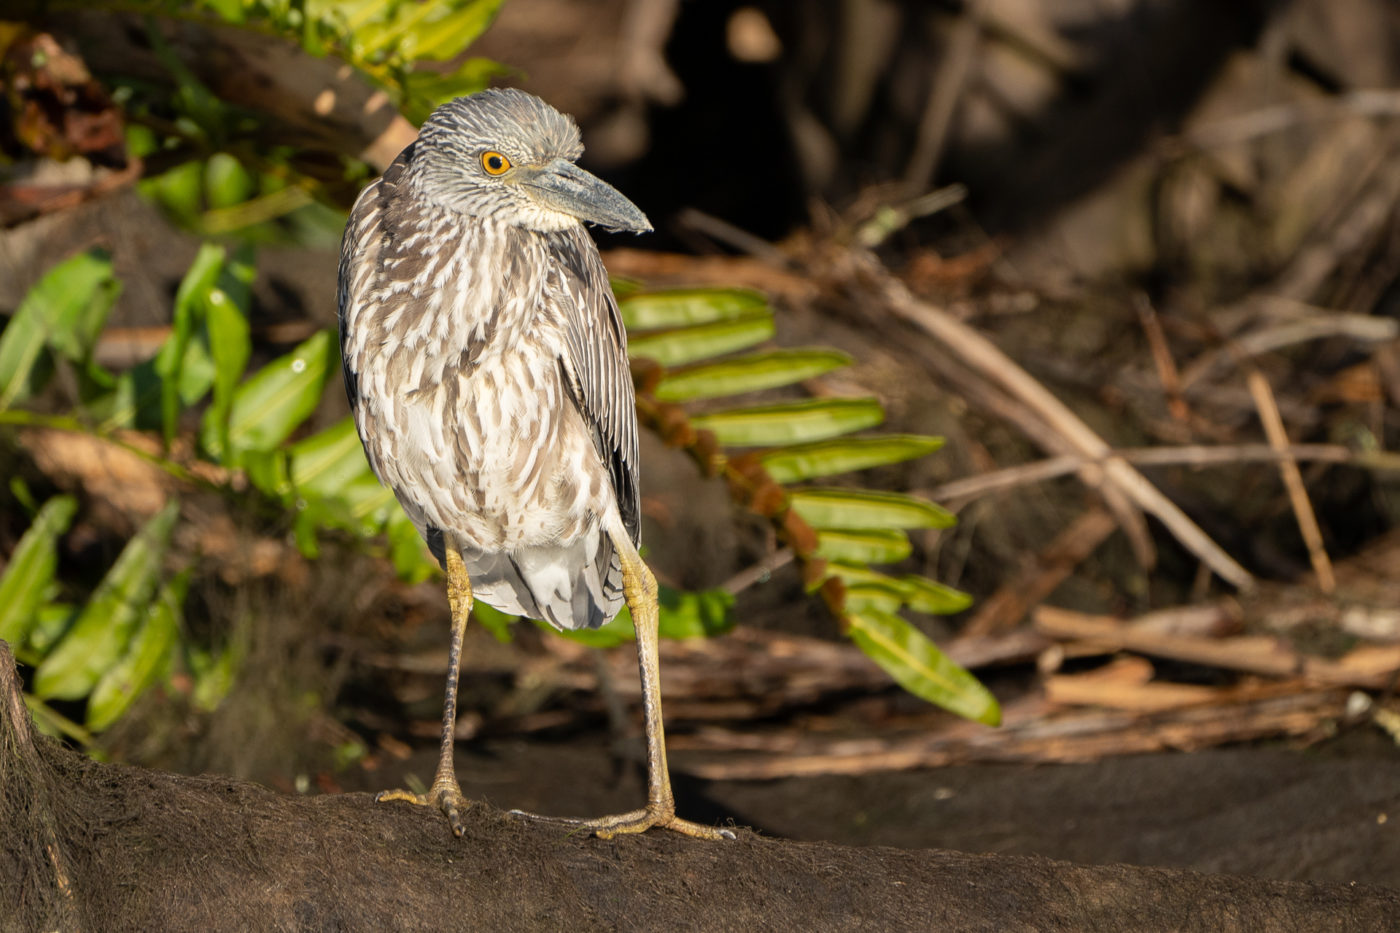 Juv. Yellow-crowned Night Heron